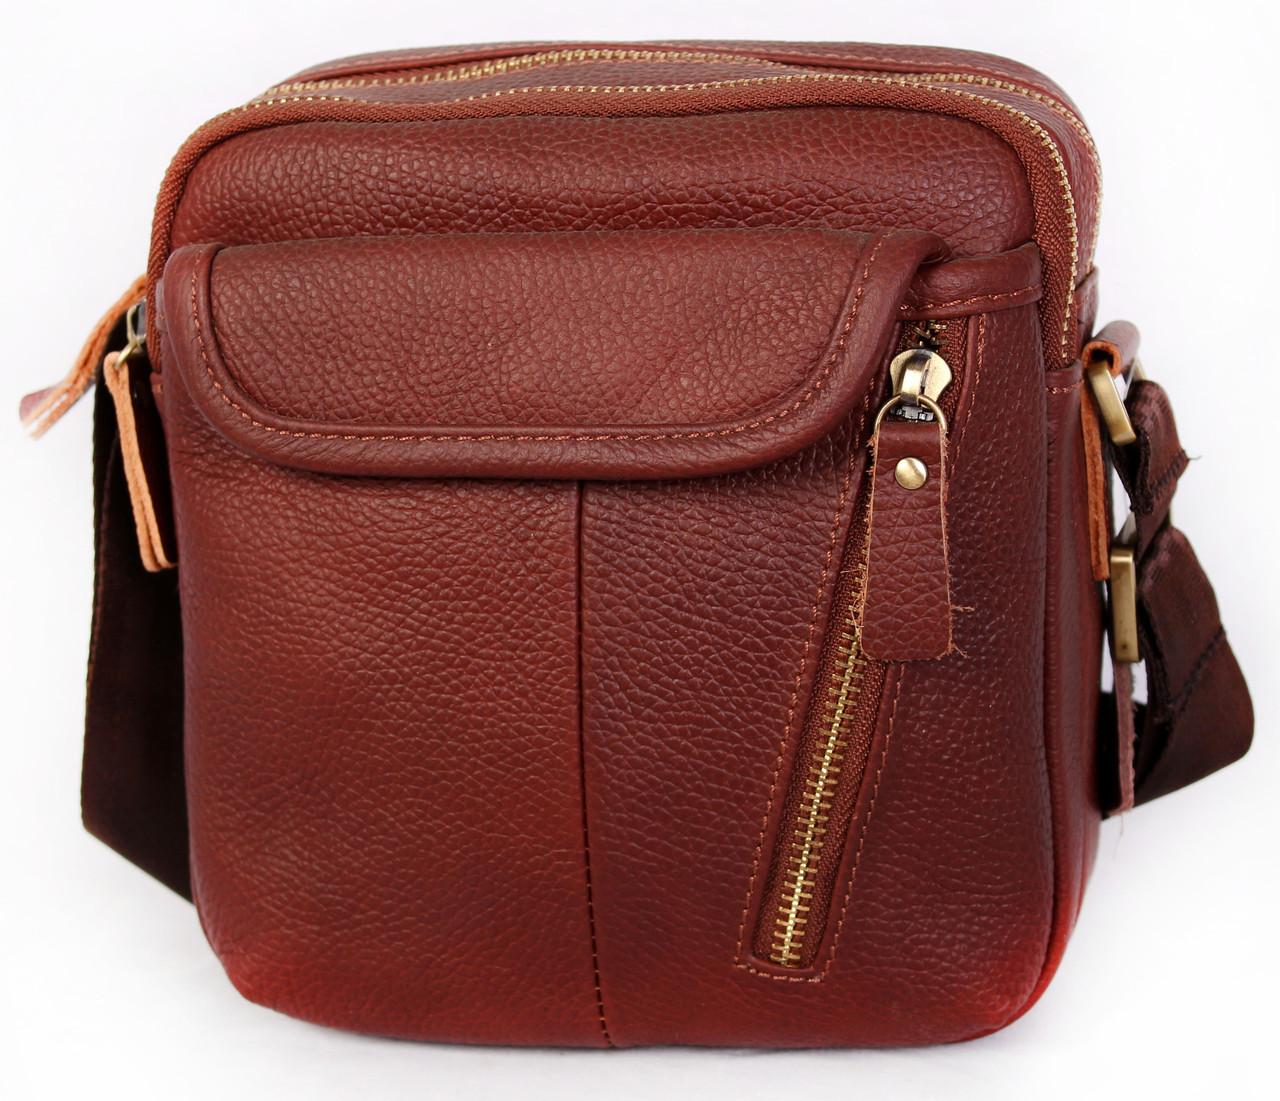 Мужская кожаная сумка Dovhani BL3011439 Рыжая